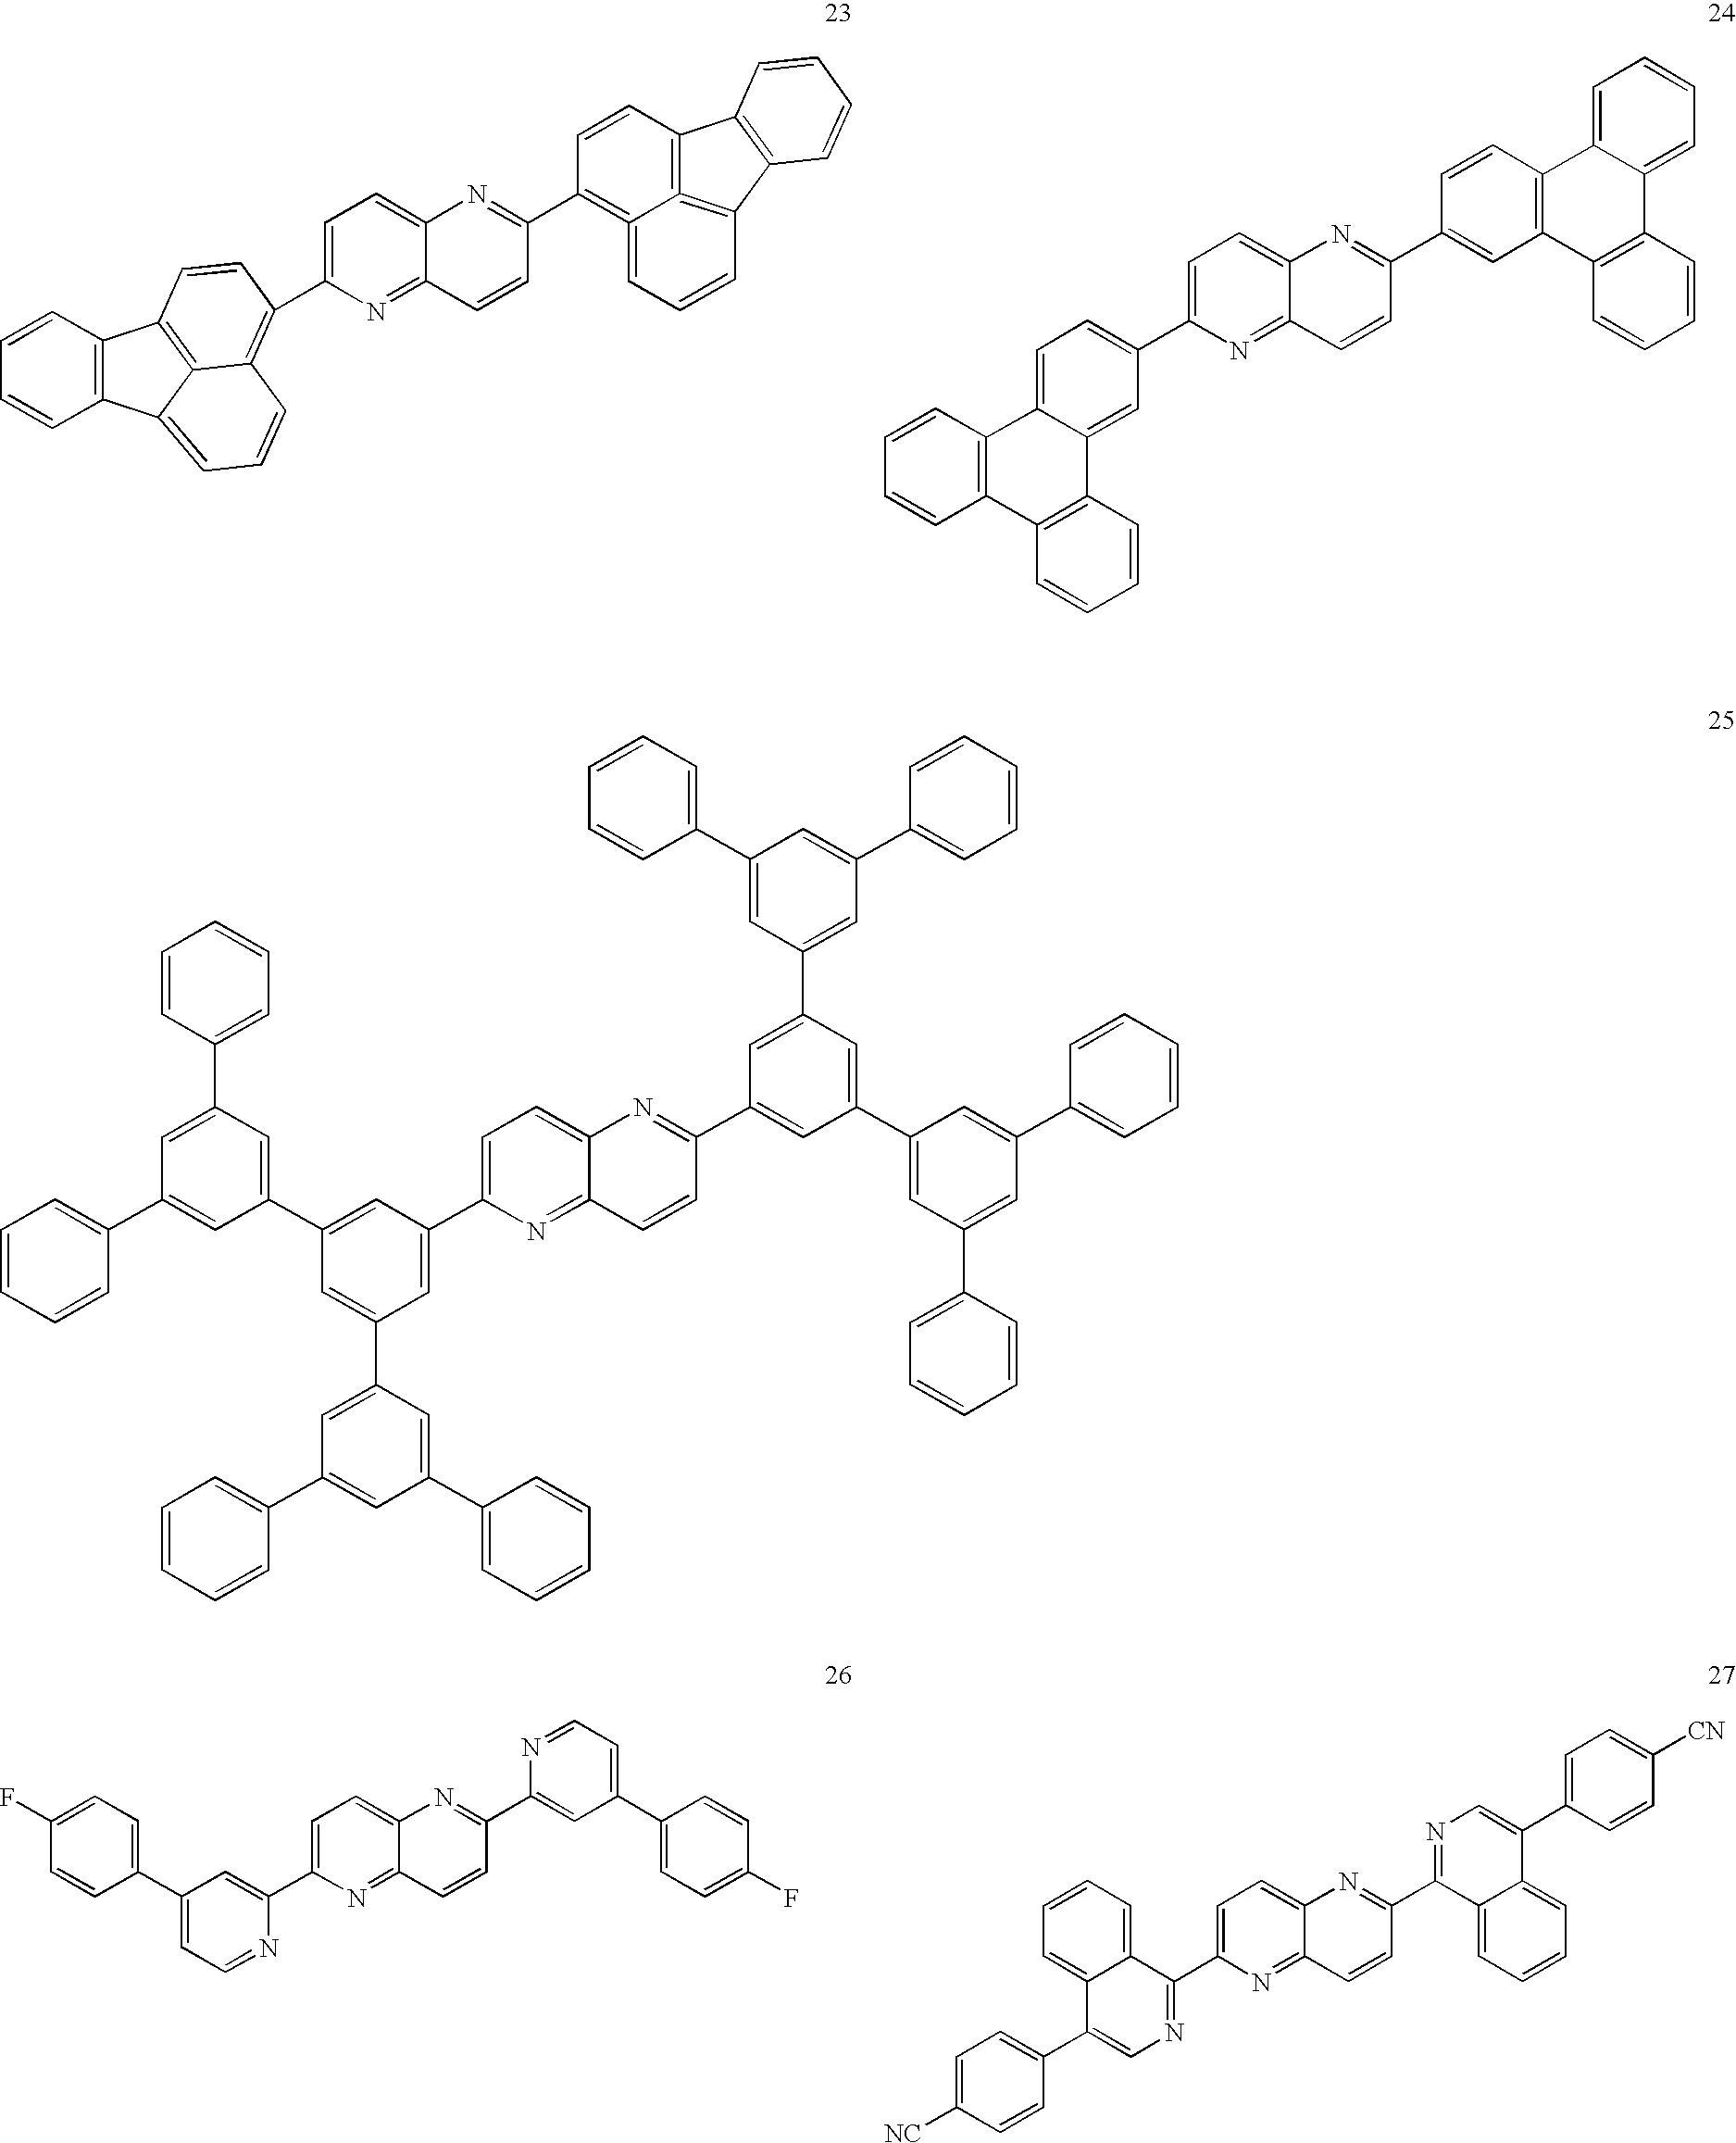 Figure US20080116789A1-20080522-C00009